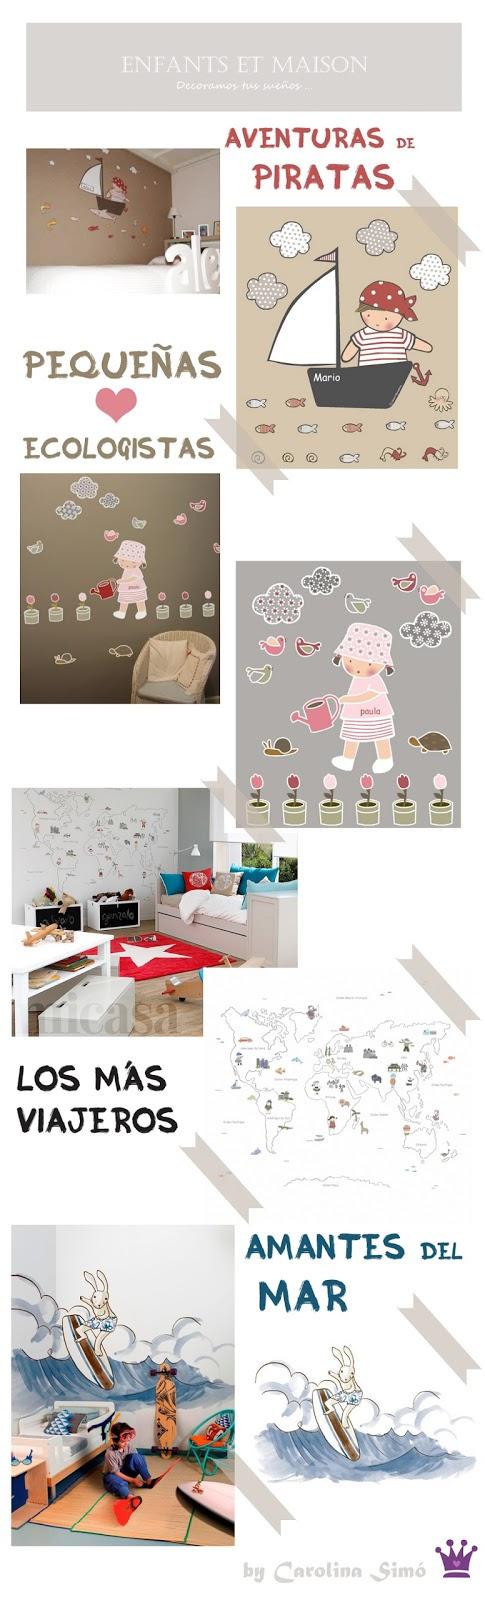 Habitaciones infantiles, Vinilos para niños, Murales decoración habitación niños, Enfants et Maison